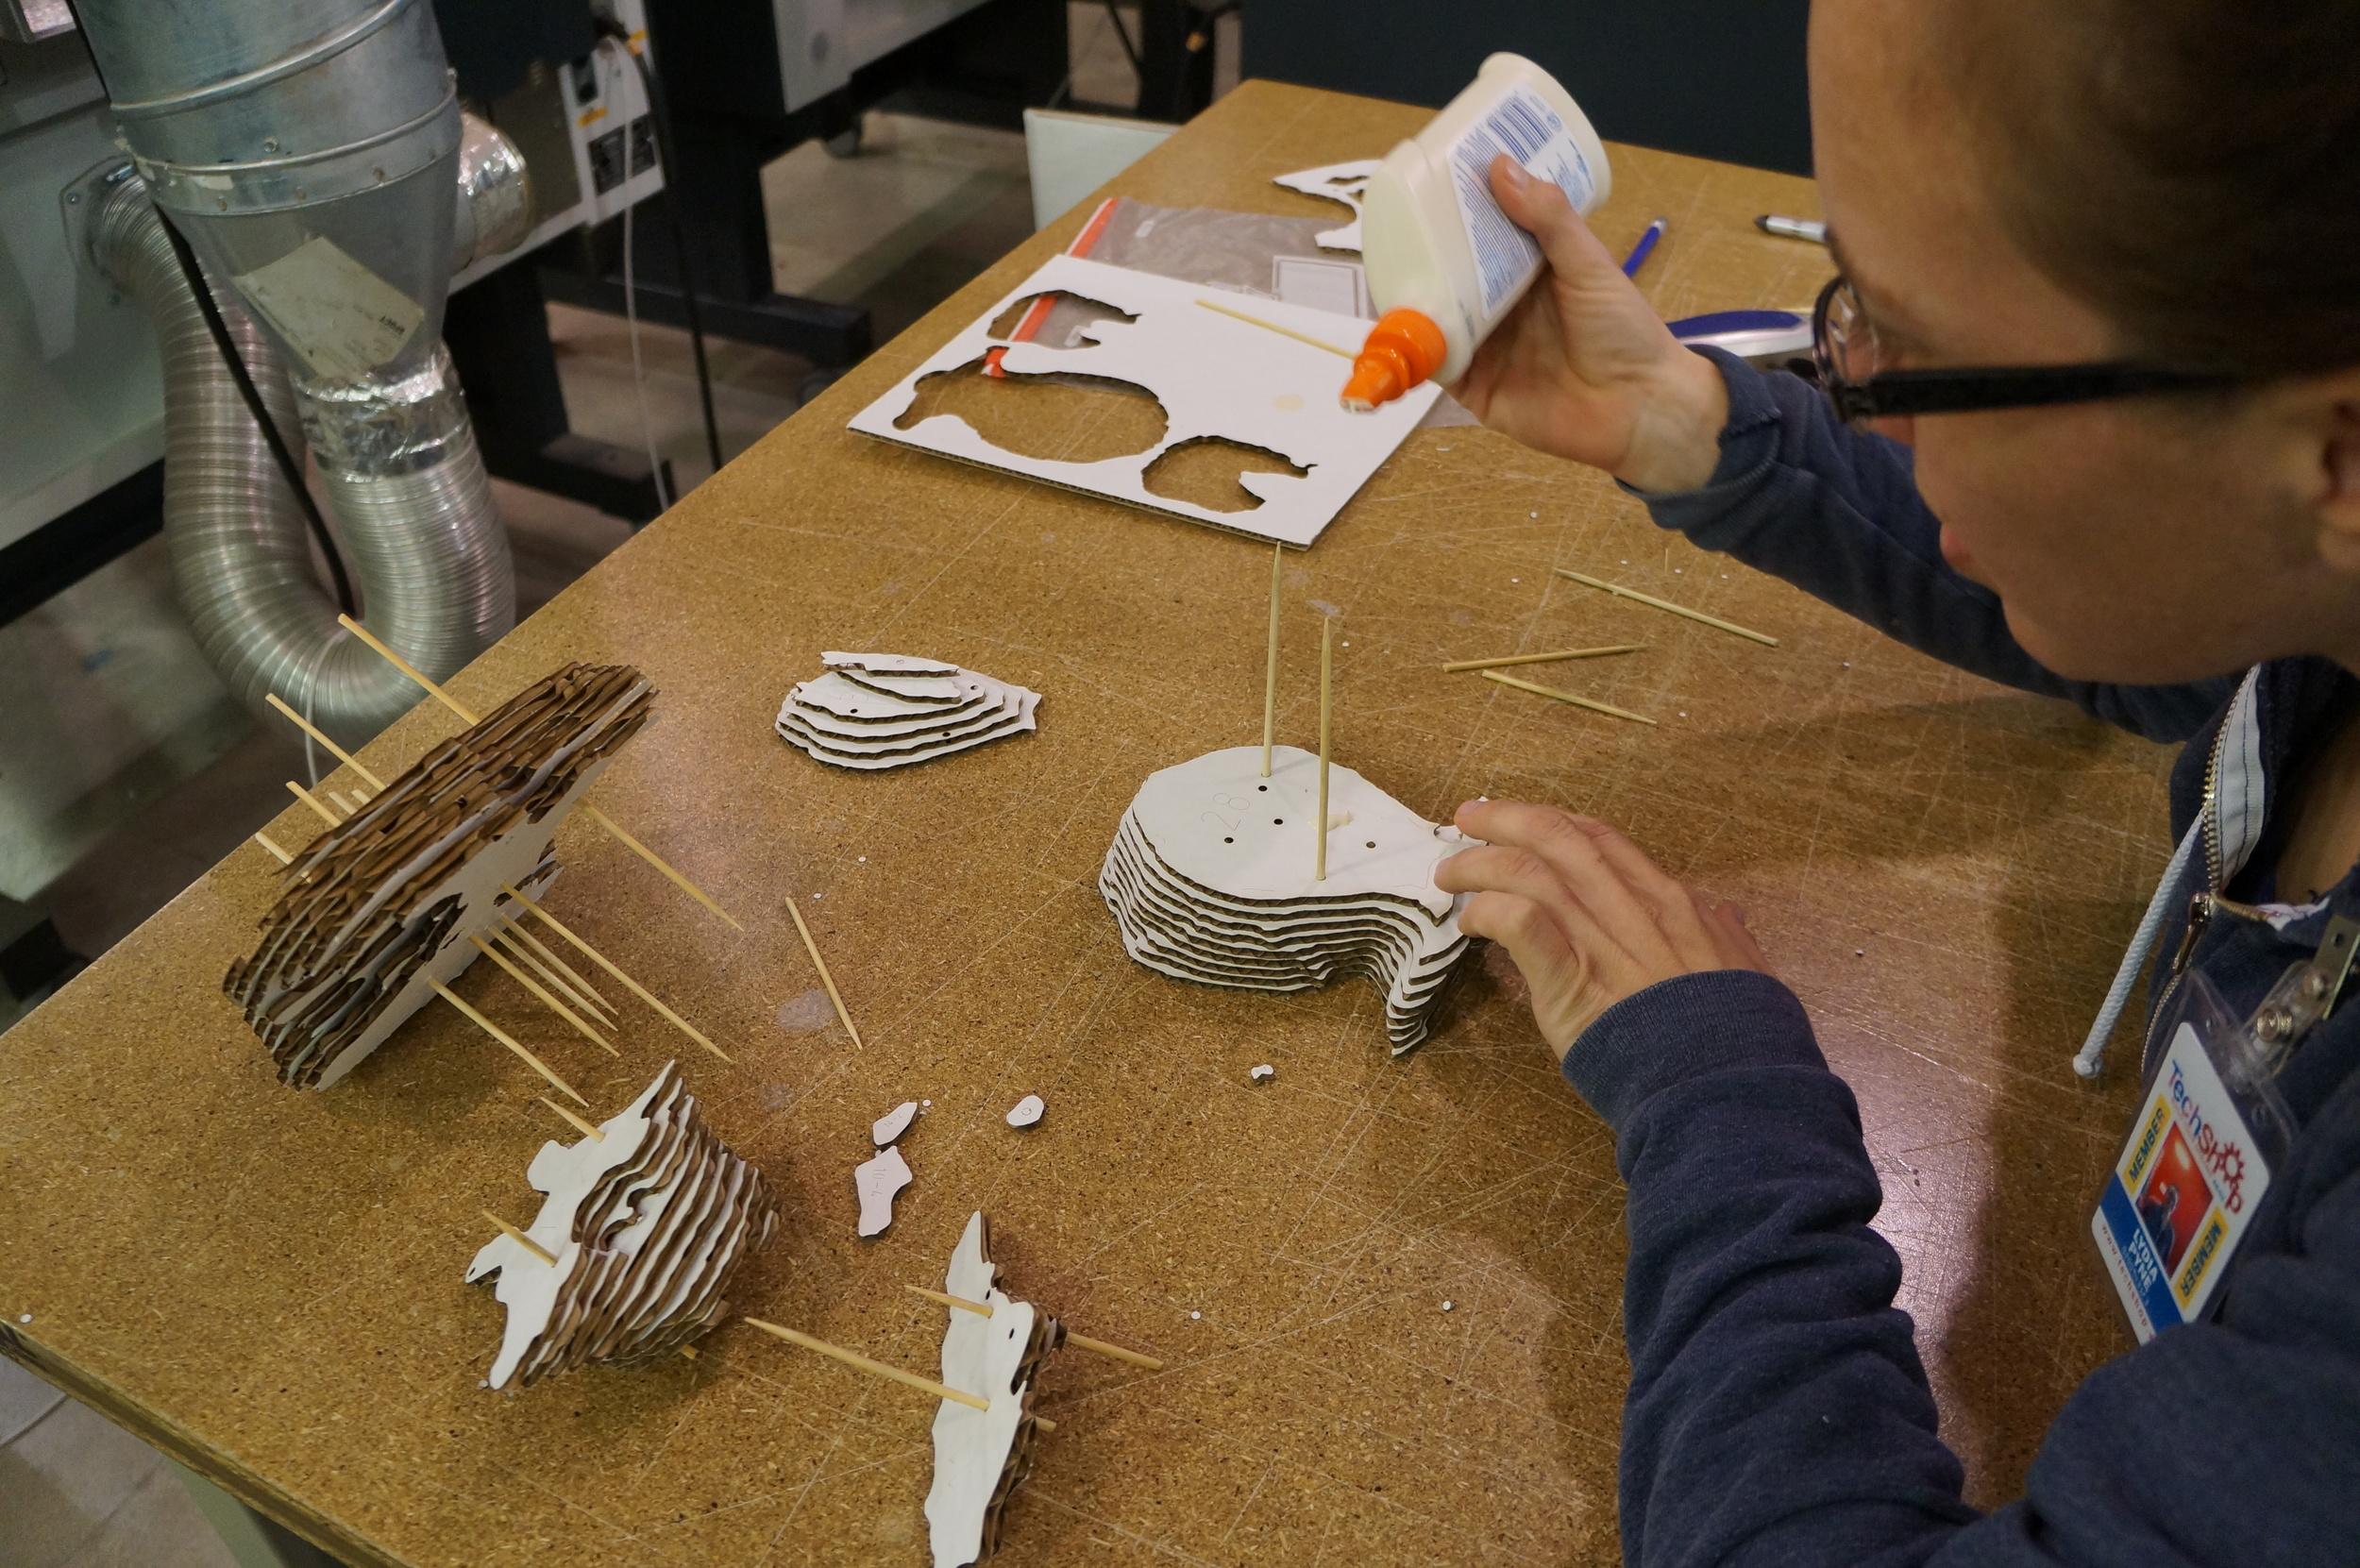 Gluing, aligning, gluing, aligning, gluing, gluing, gluing... Art really imitates science.